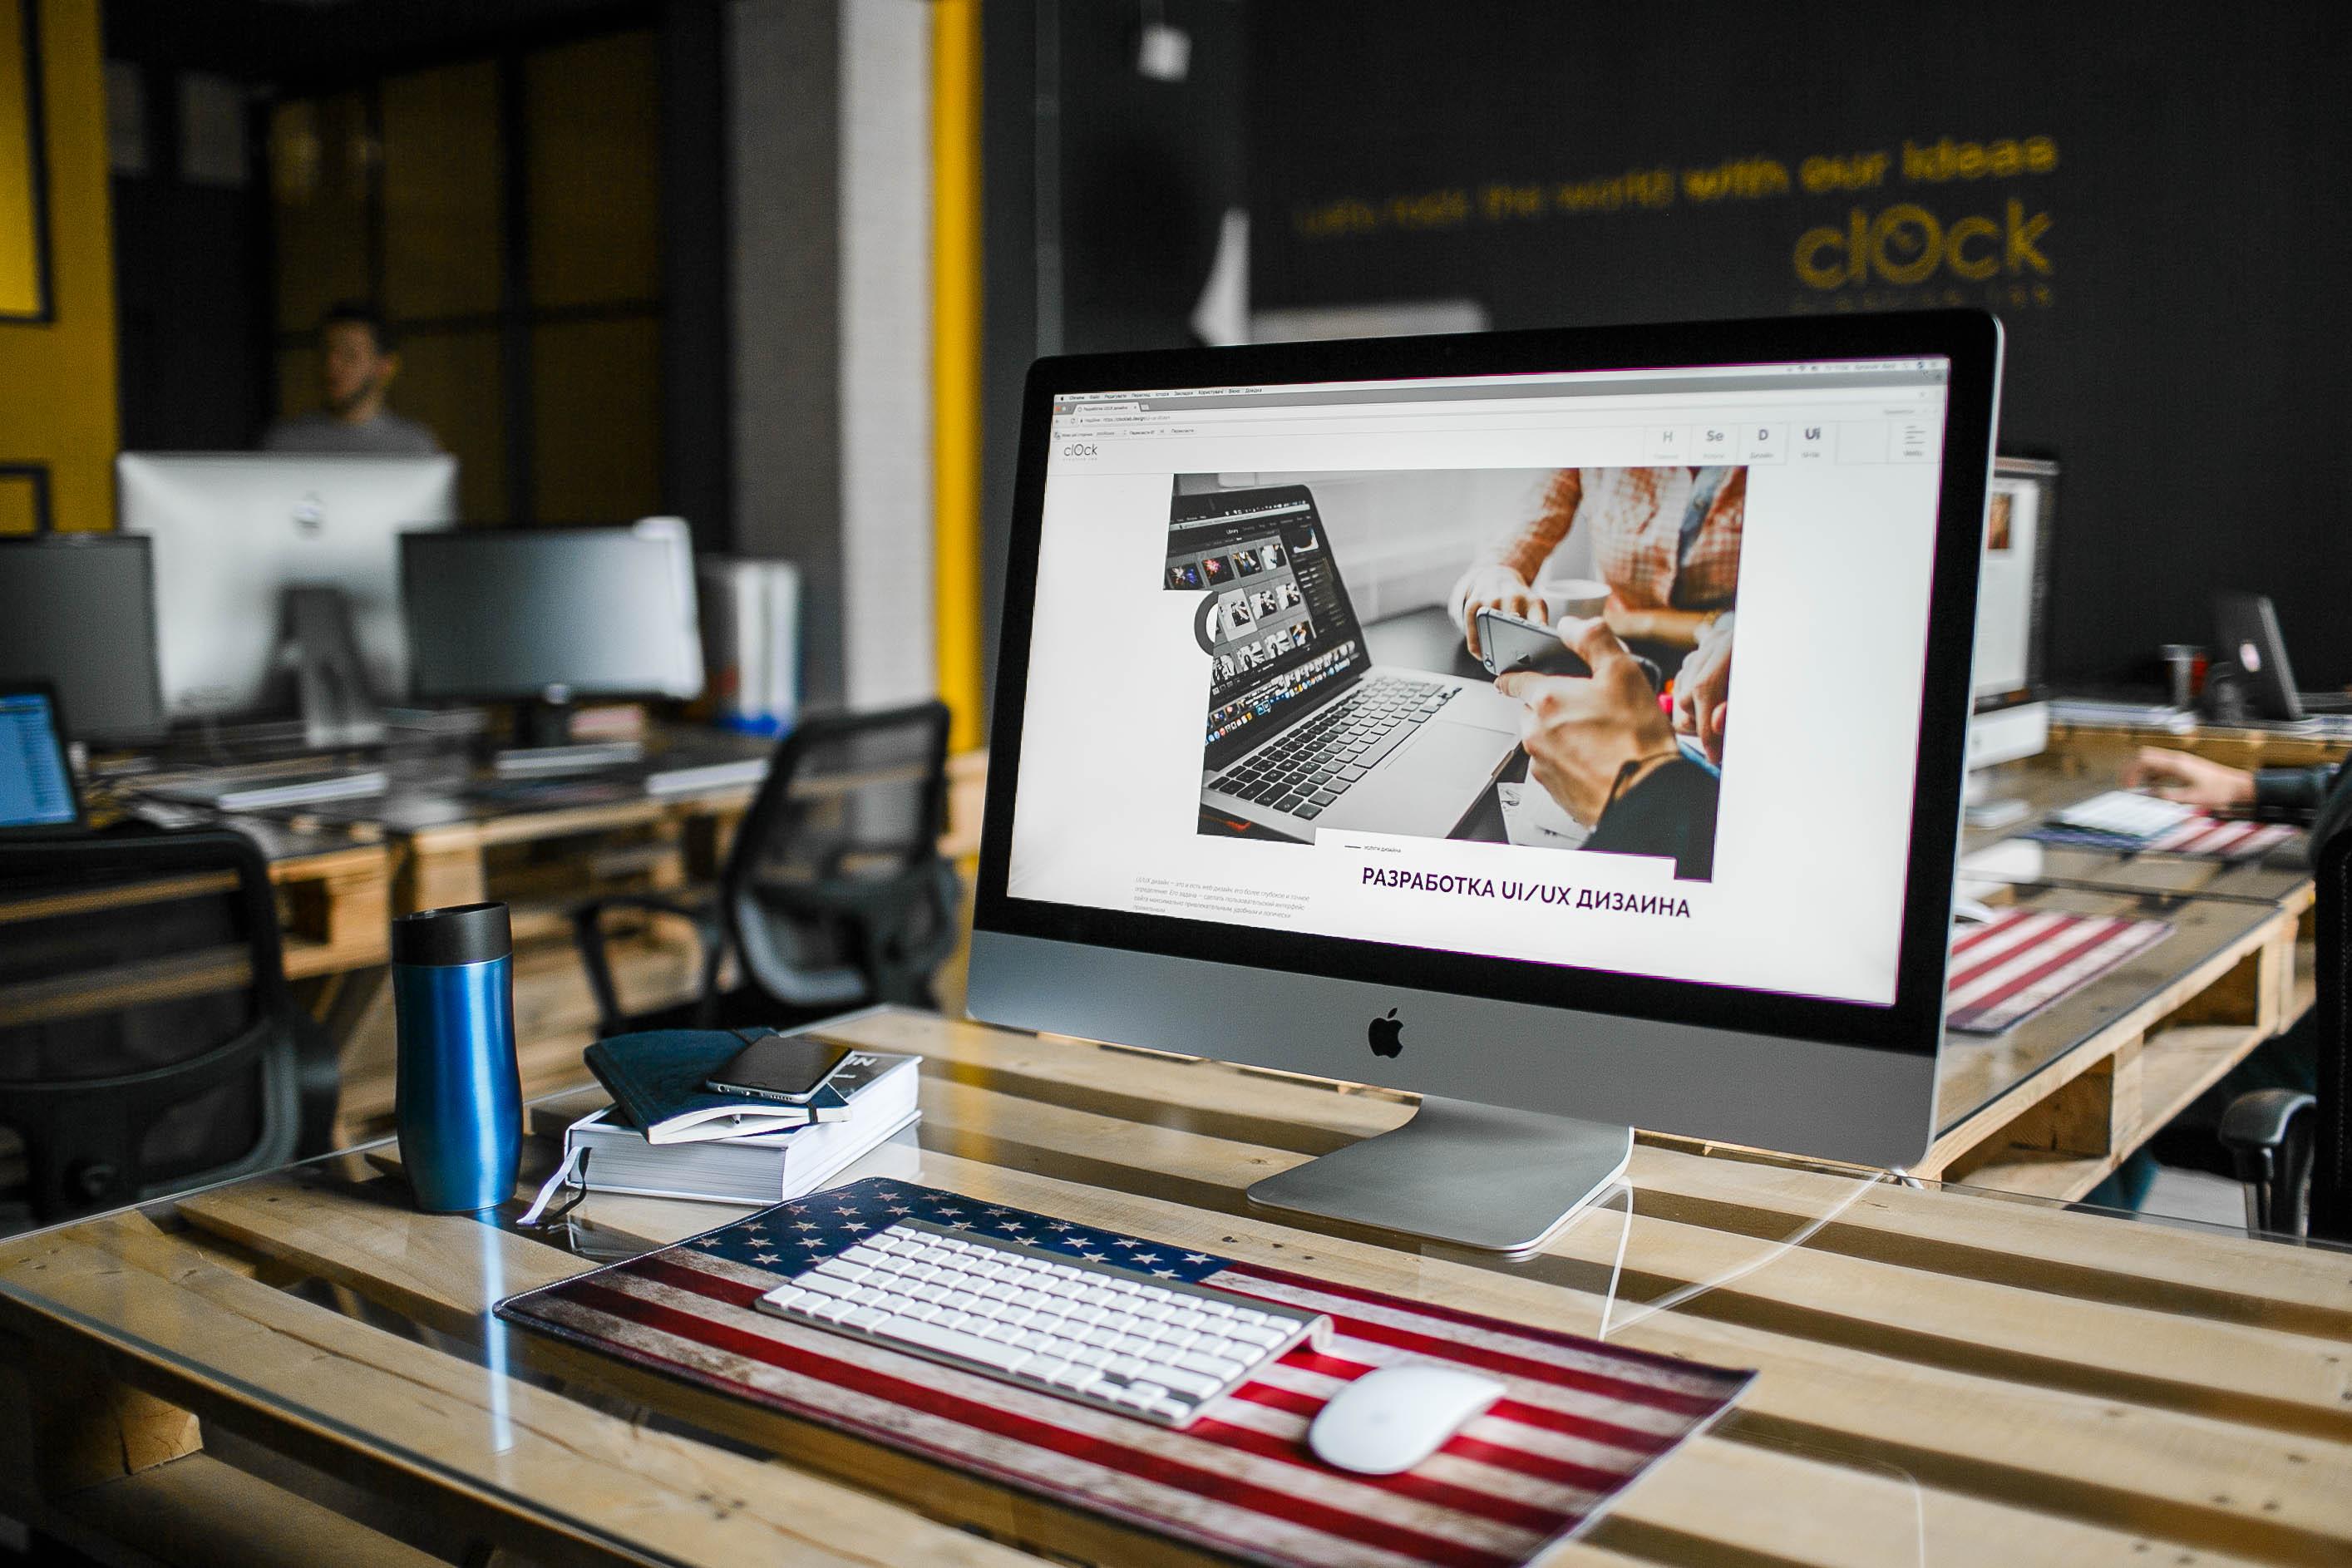 Разработка ui ux дизайна (web дизайна) фото 1